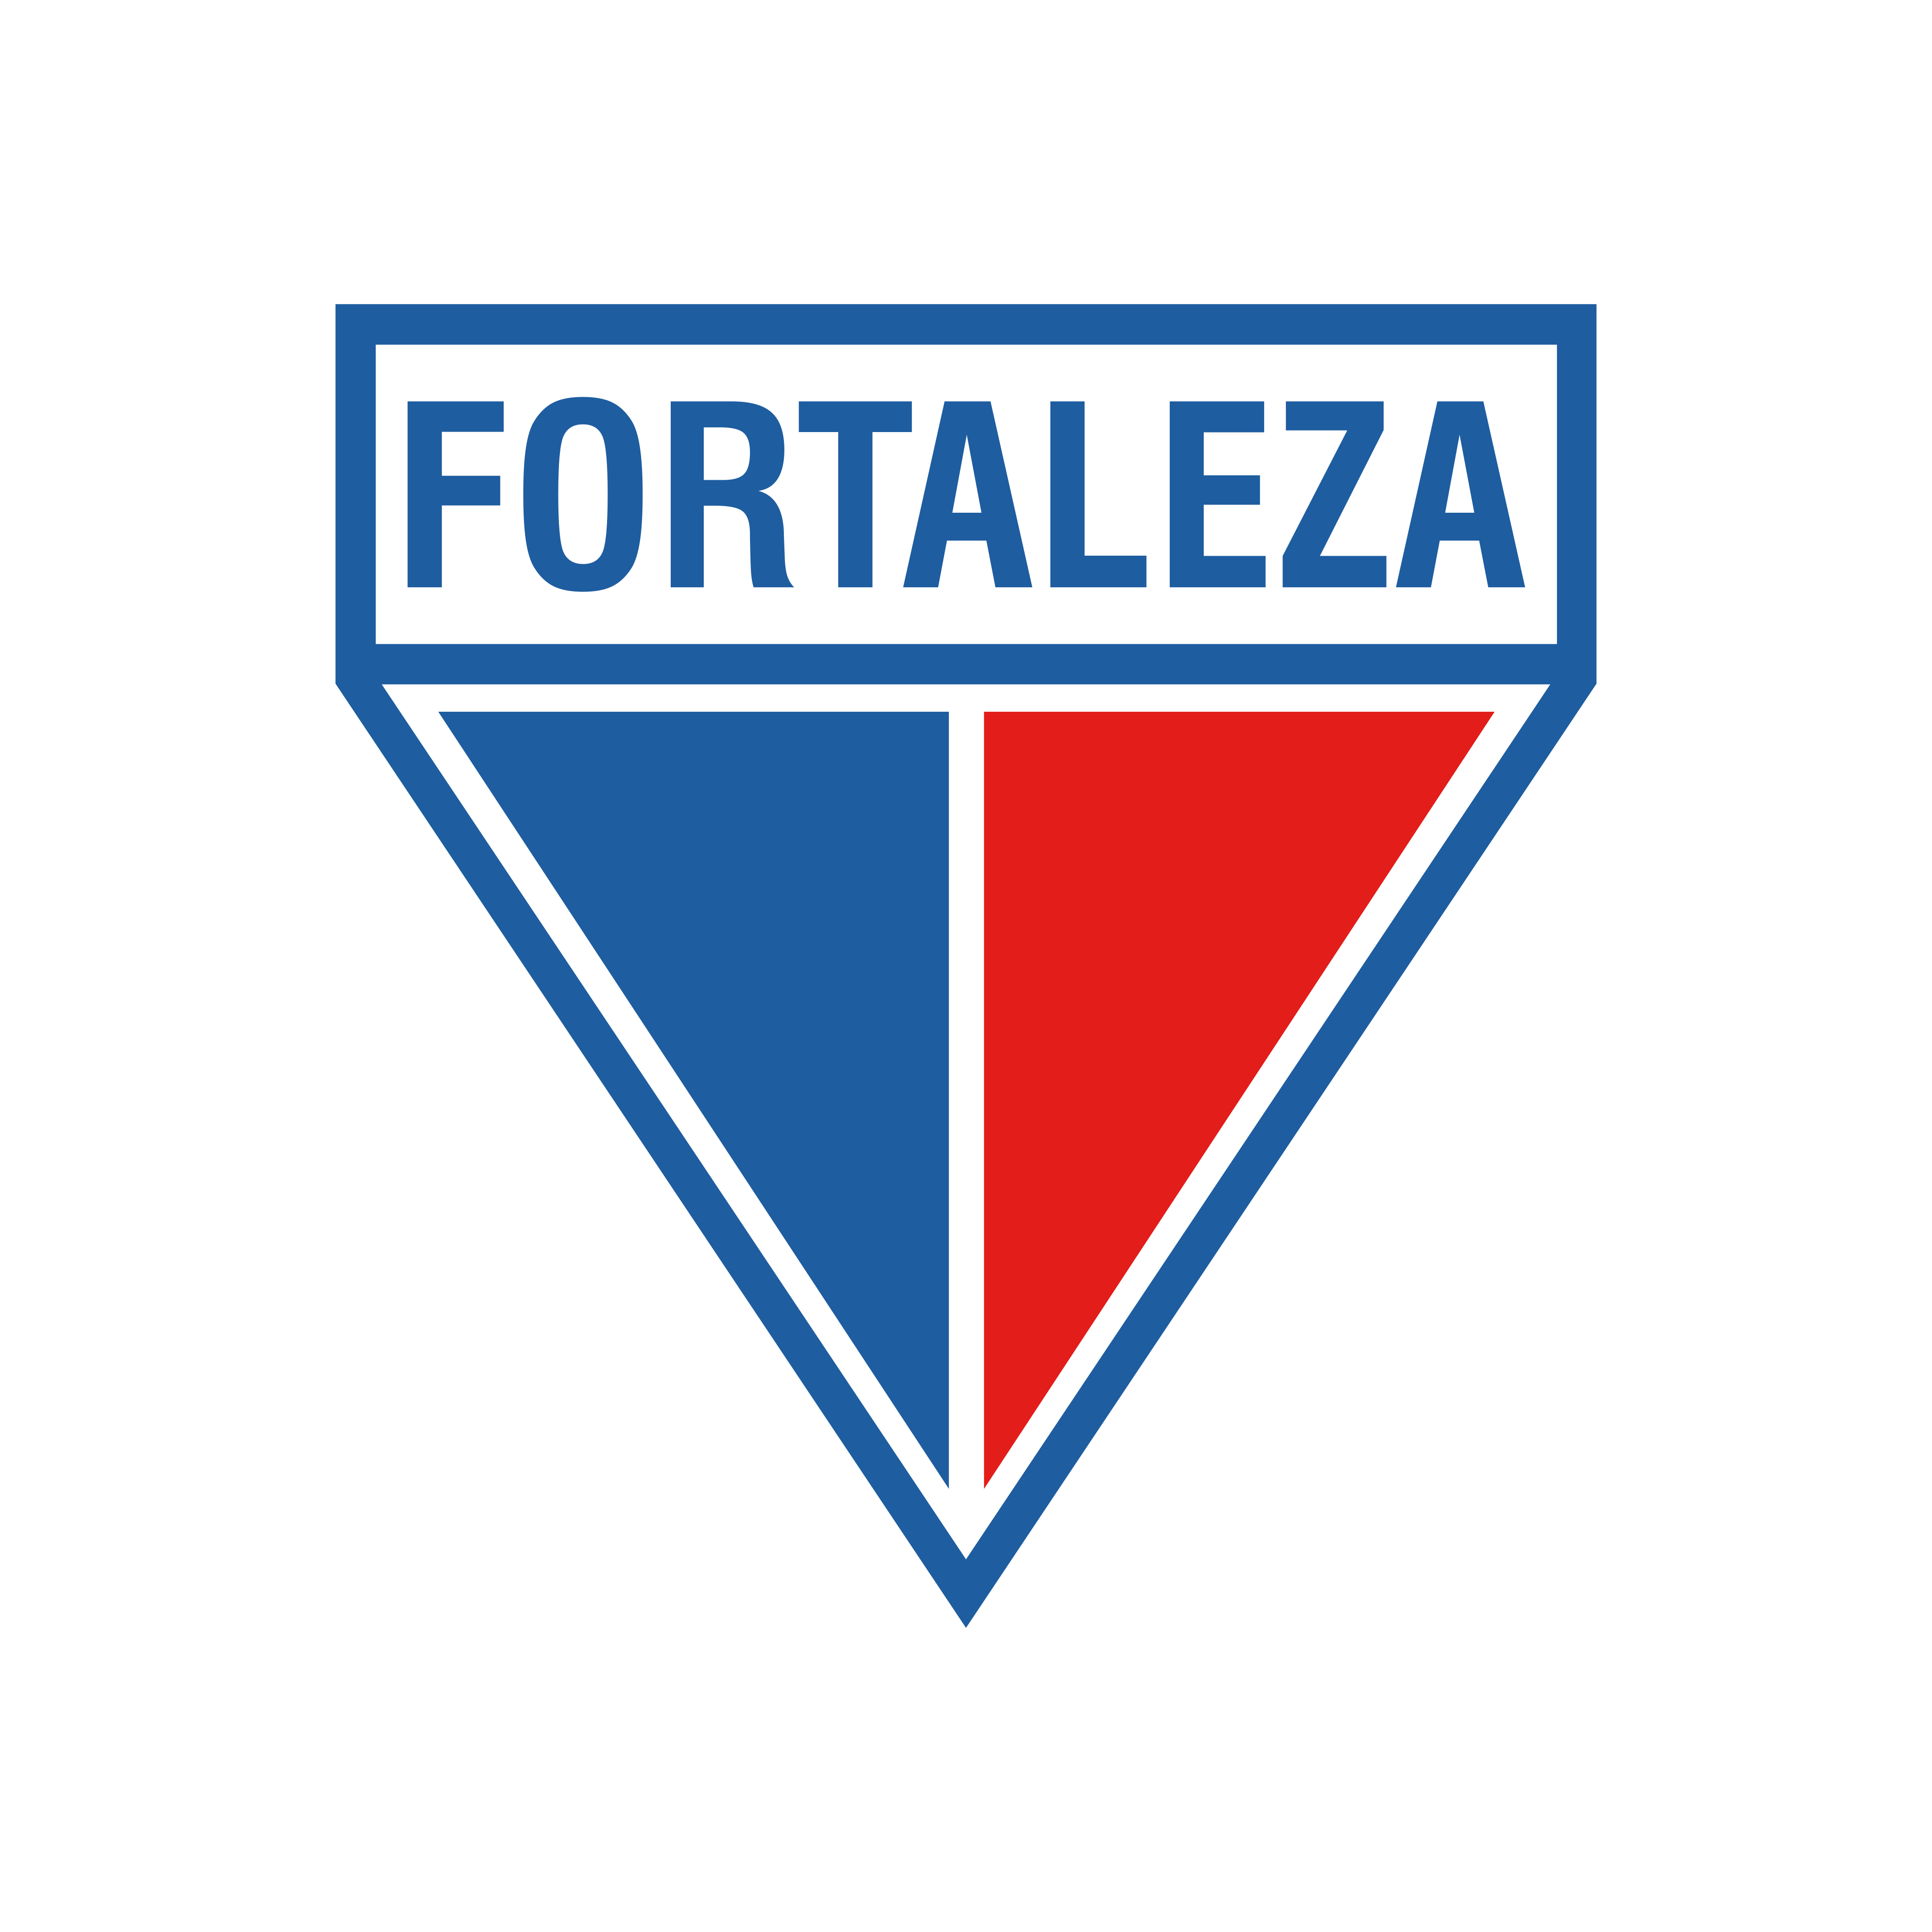 fortaleza logo 0 - Fortaleza EC Logo